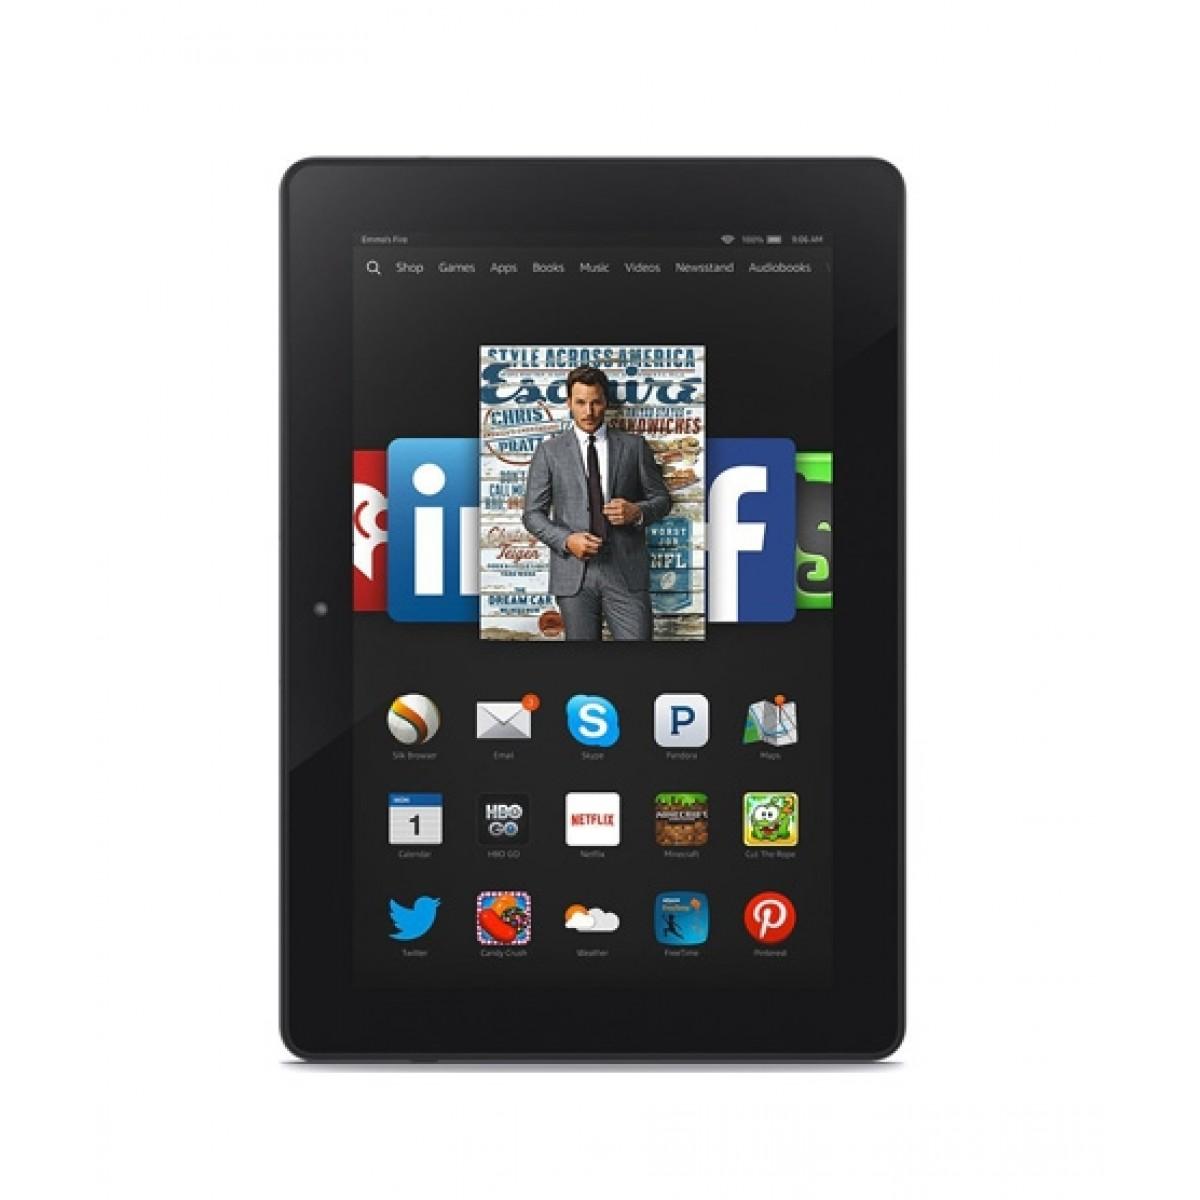 Amazon Kindle Fire 8 9